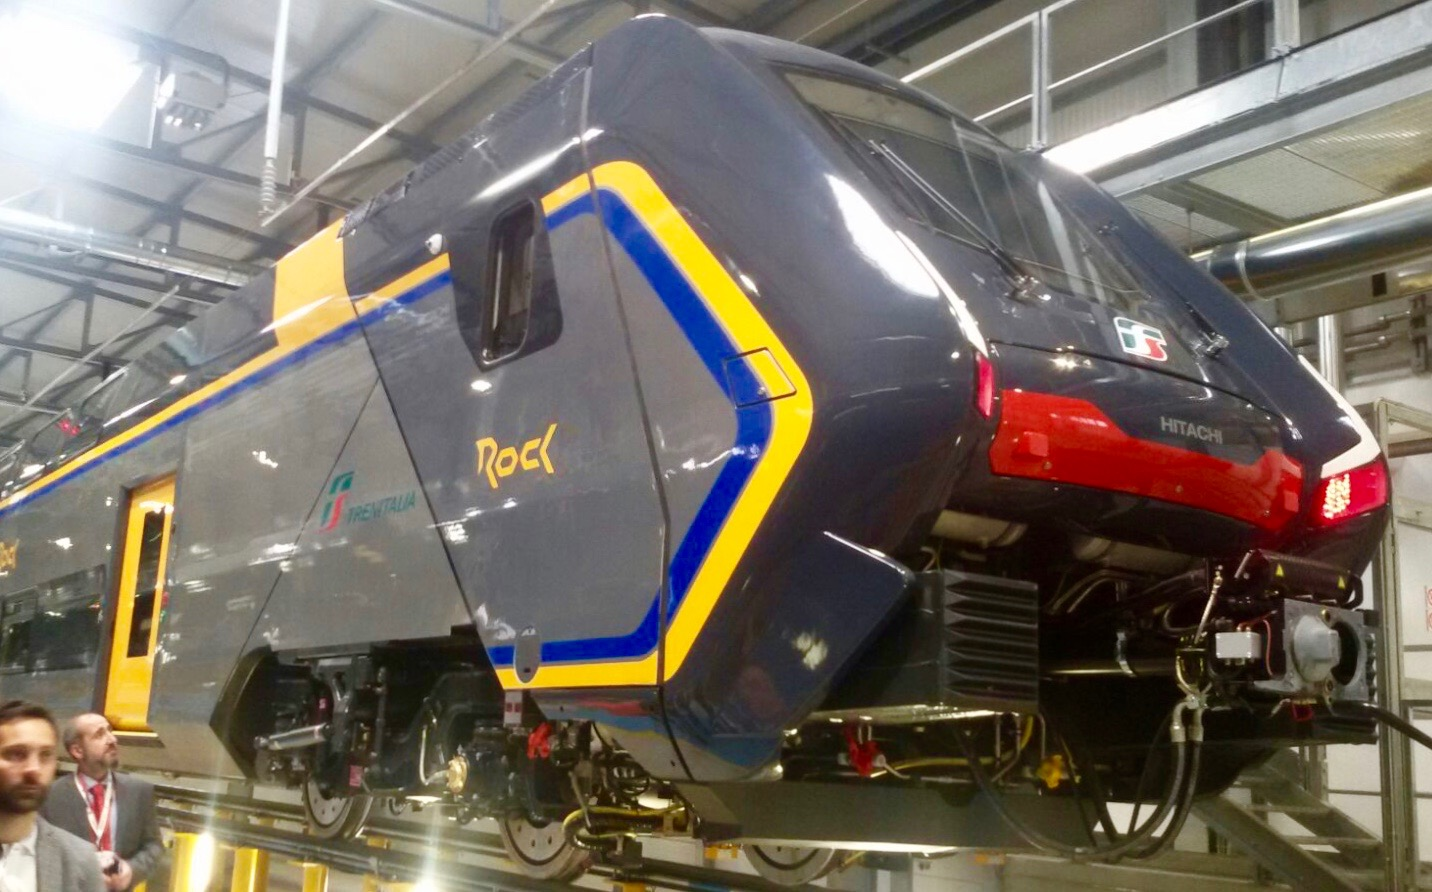 Il primo esemplare del treno Rock esce dallo stabilimento Hitachi Rail di Pistoia. In servizio dalla primavera del 2019